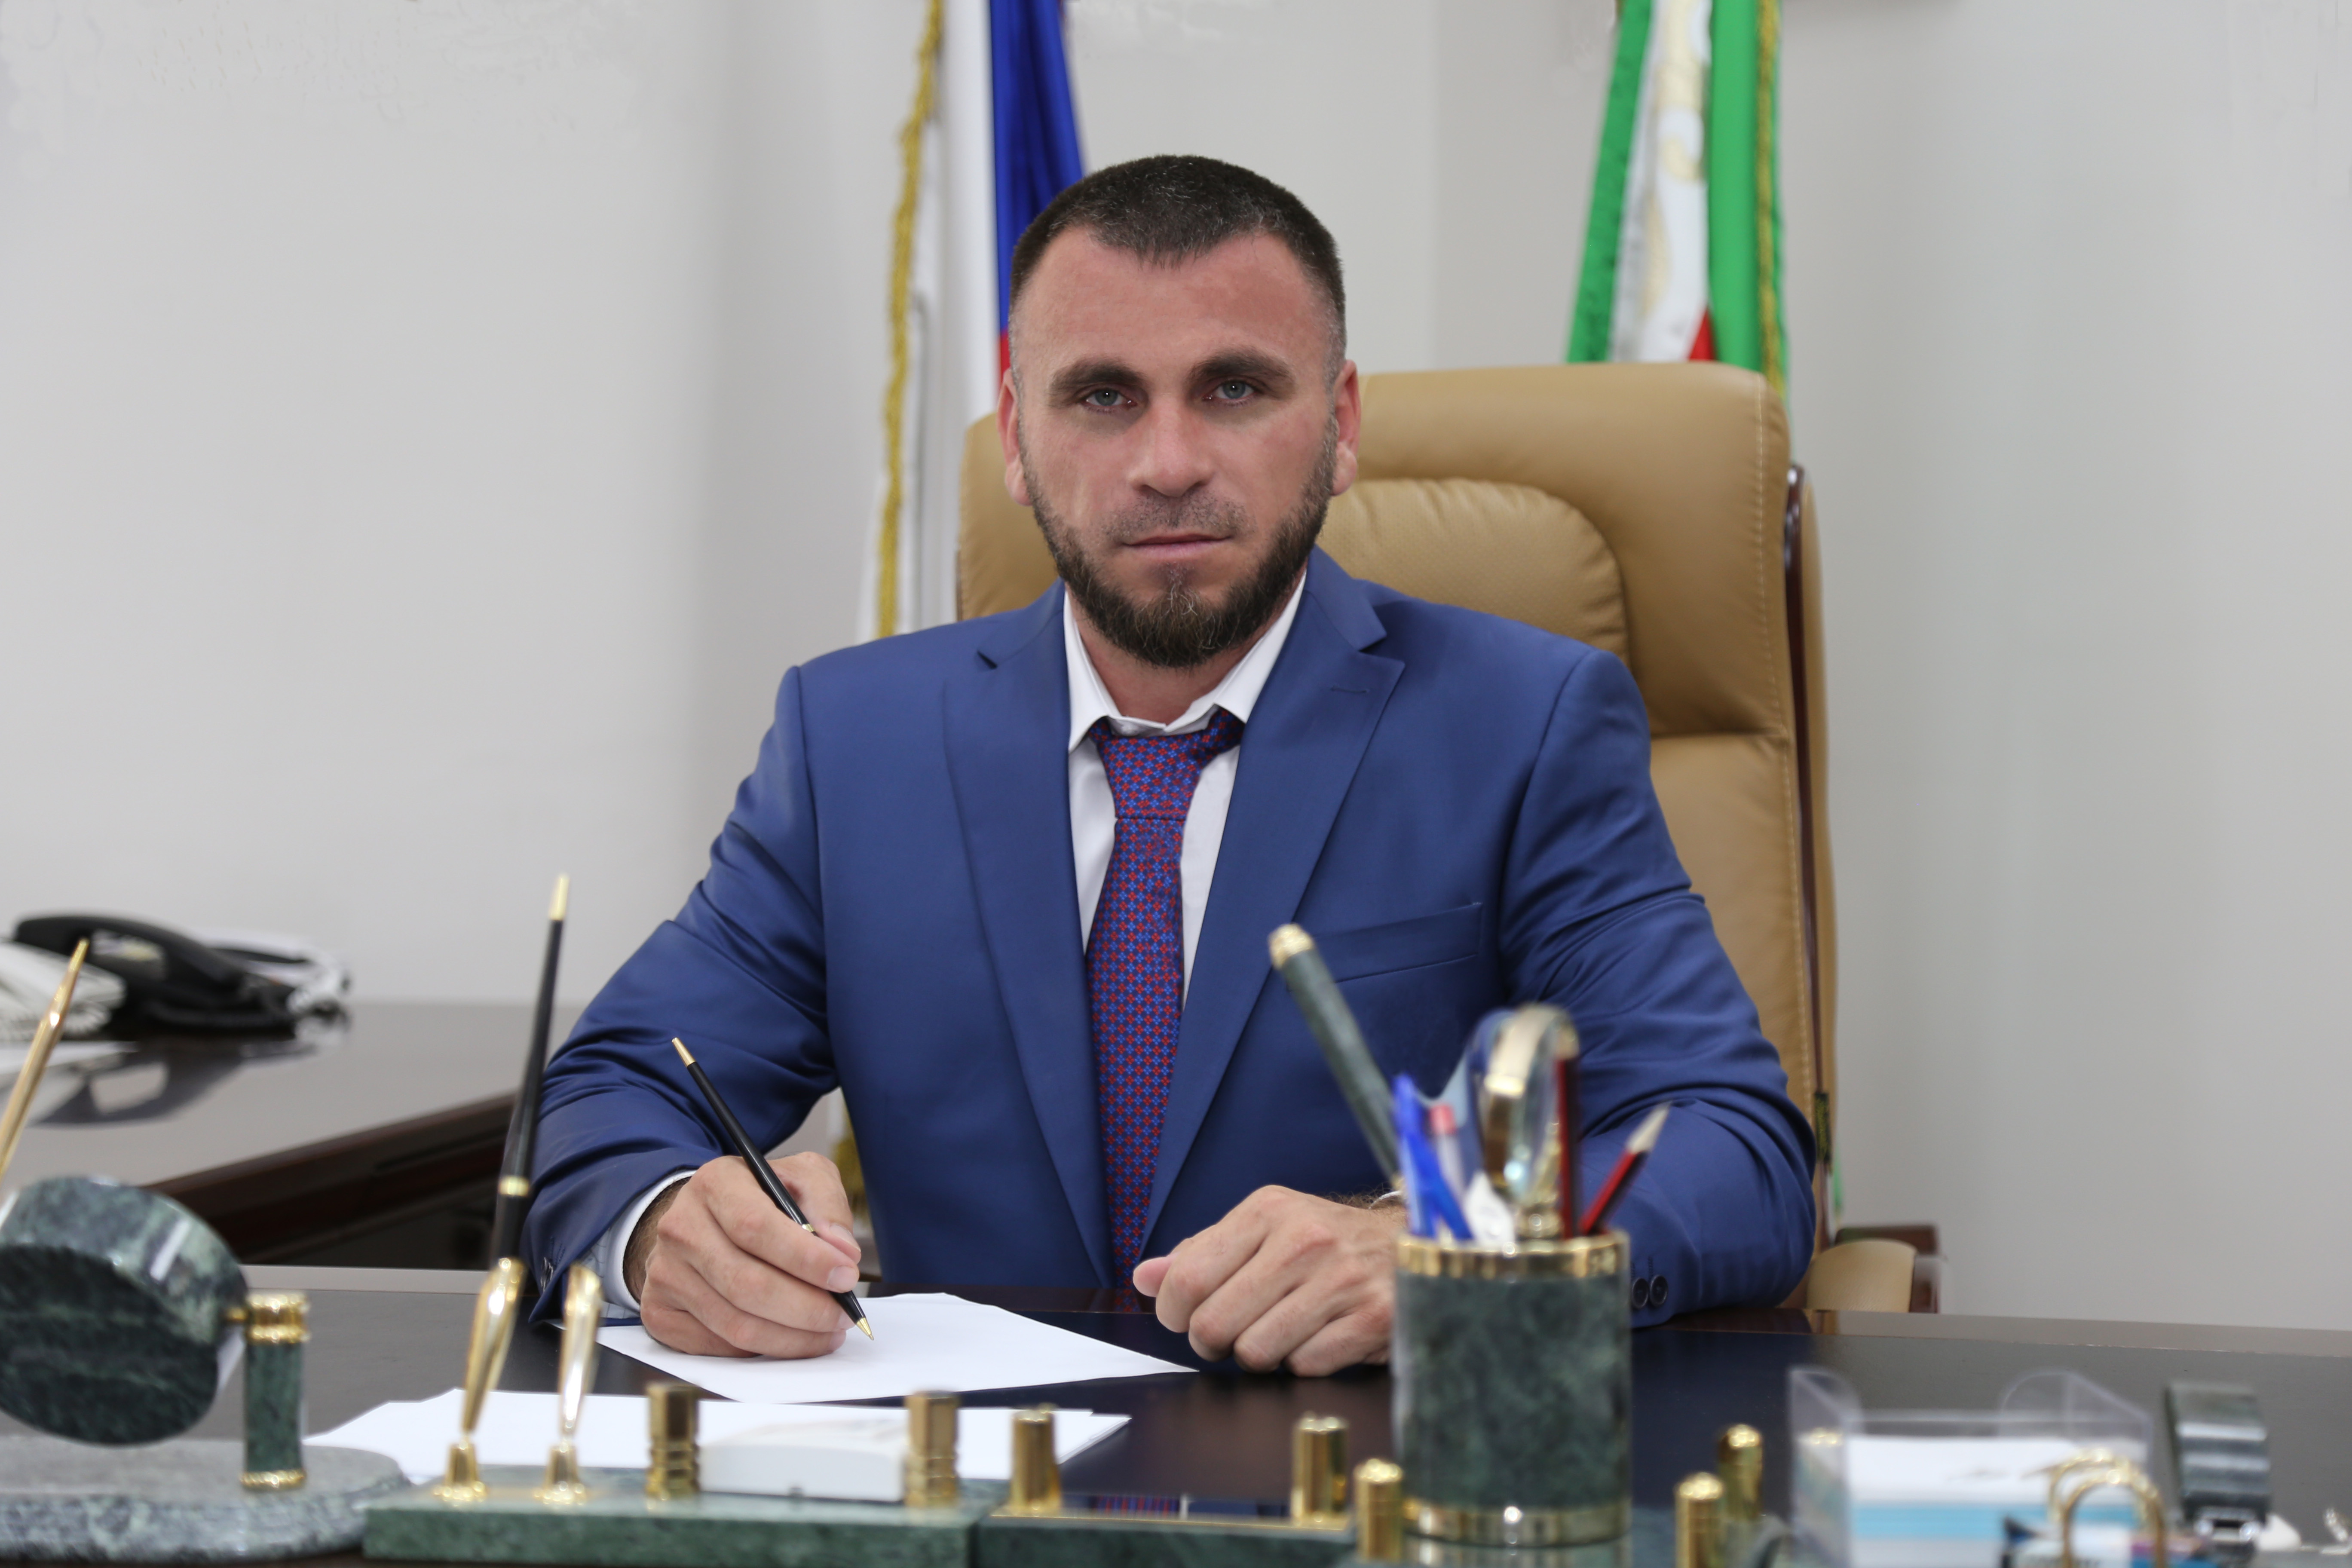 Саидов Али Абубакарович – мэр Шалинского городского поселения